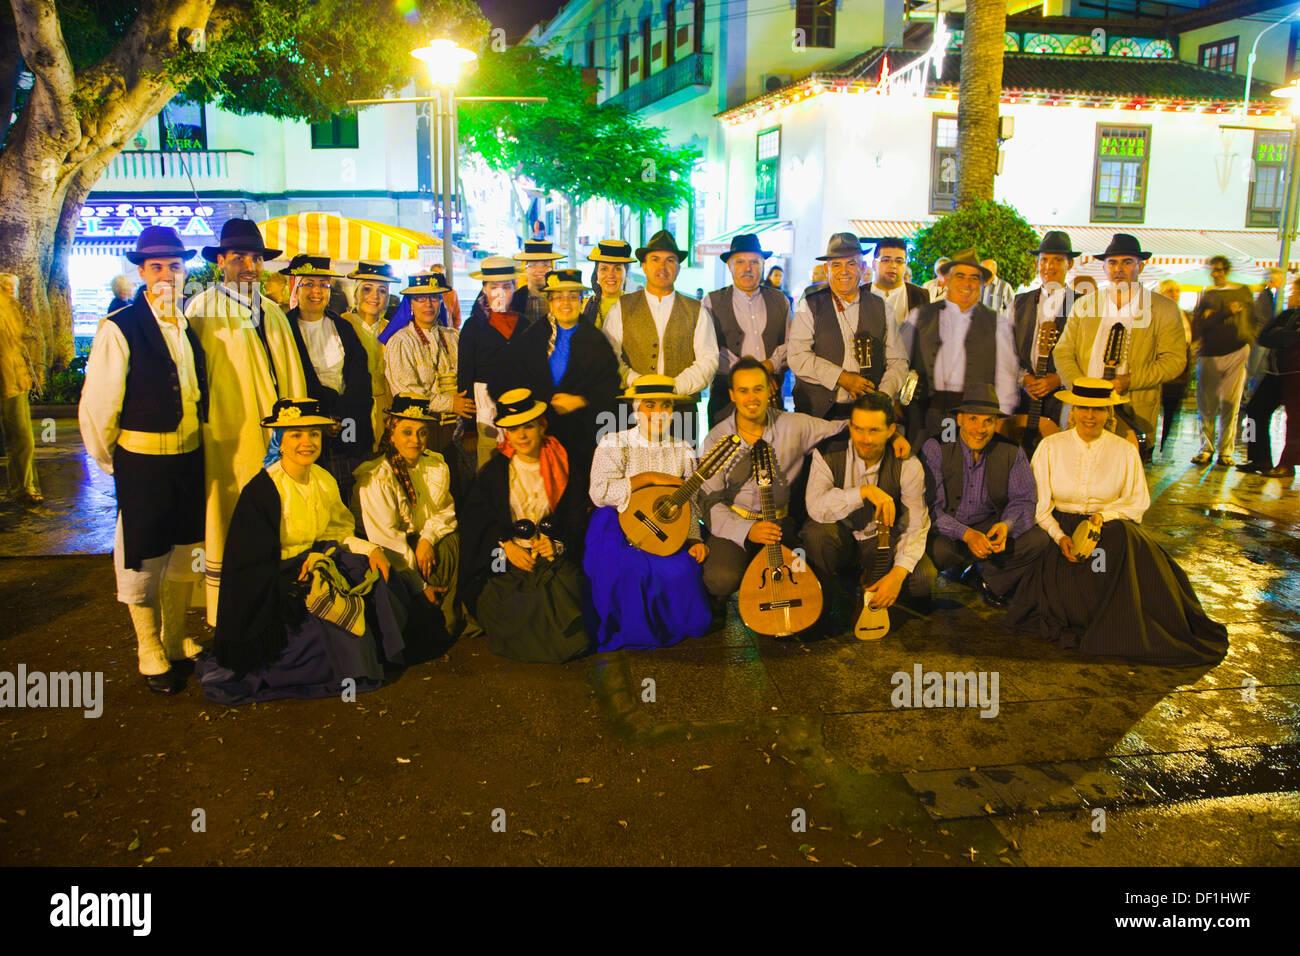 Groupe folklorique de chanter des chansons de Noël et traditionals Puerto de la Cruz Tenerife Espagne. Photo Stock